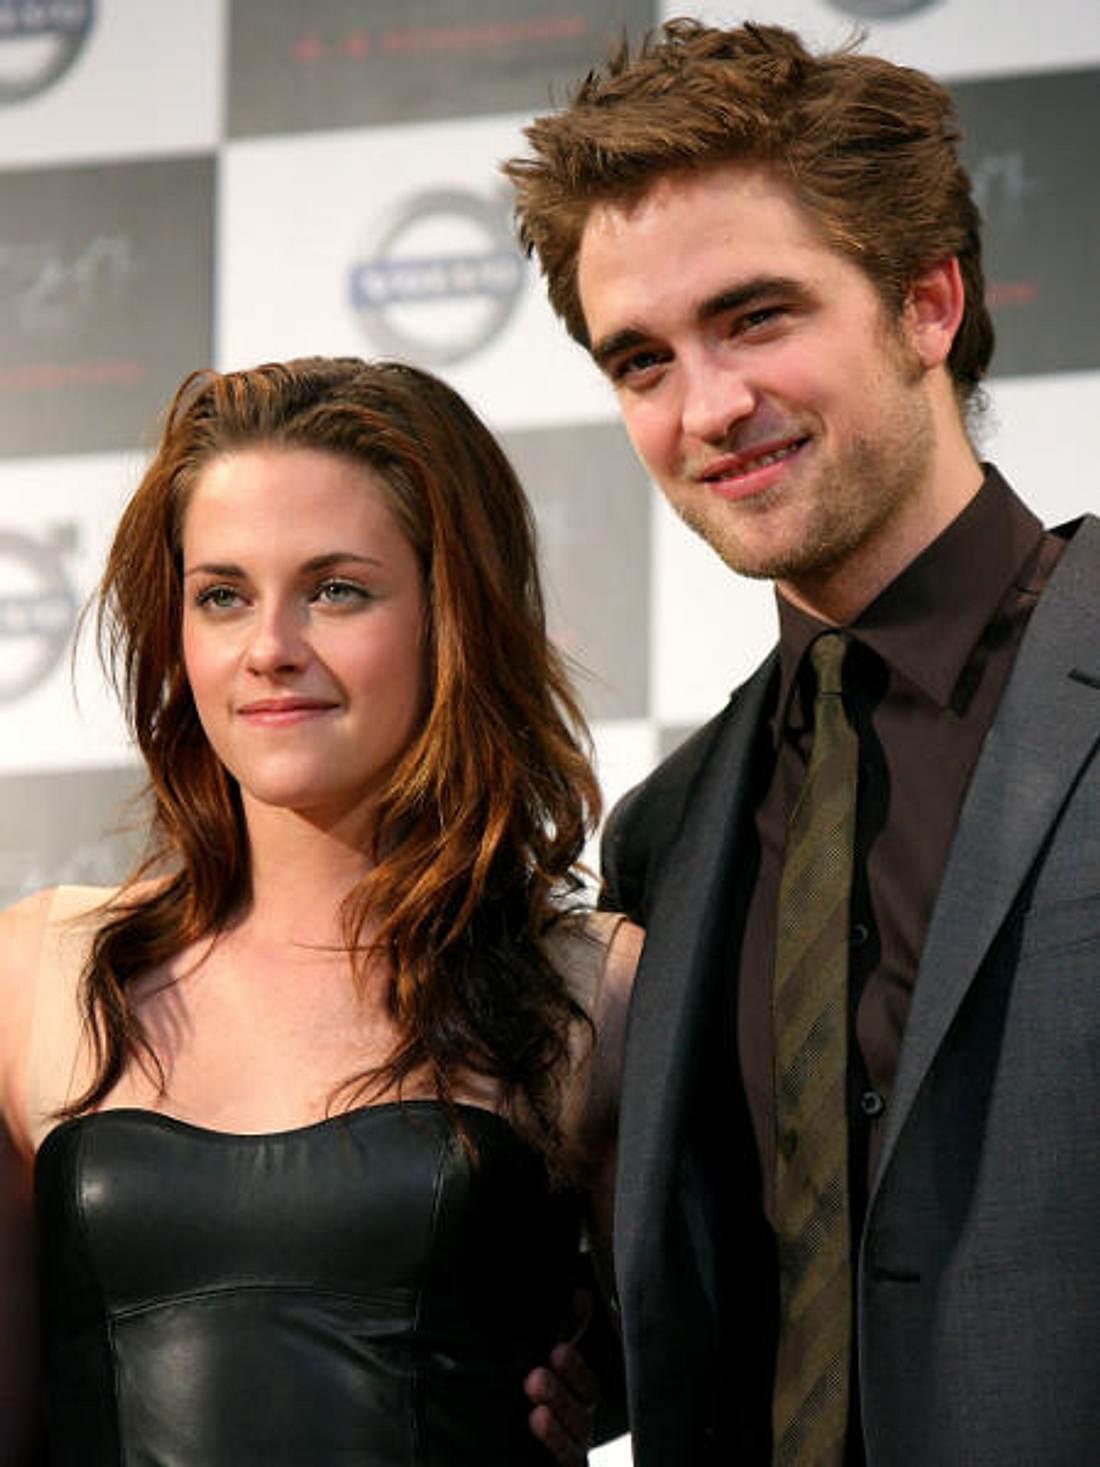 Robert Pattinson & Kristen StewartAus der unschuldigen Kristen Stewart alias Bella ist eine Frau geworden. Bei einer Pressekonferenz in Tokio kam sie in einem sexy Lederdress - sehr zur Freude ihres Freundes Robert.